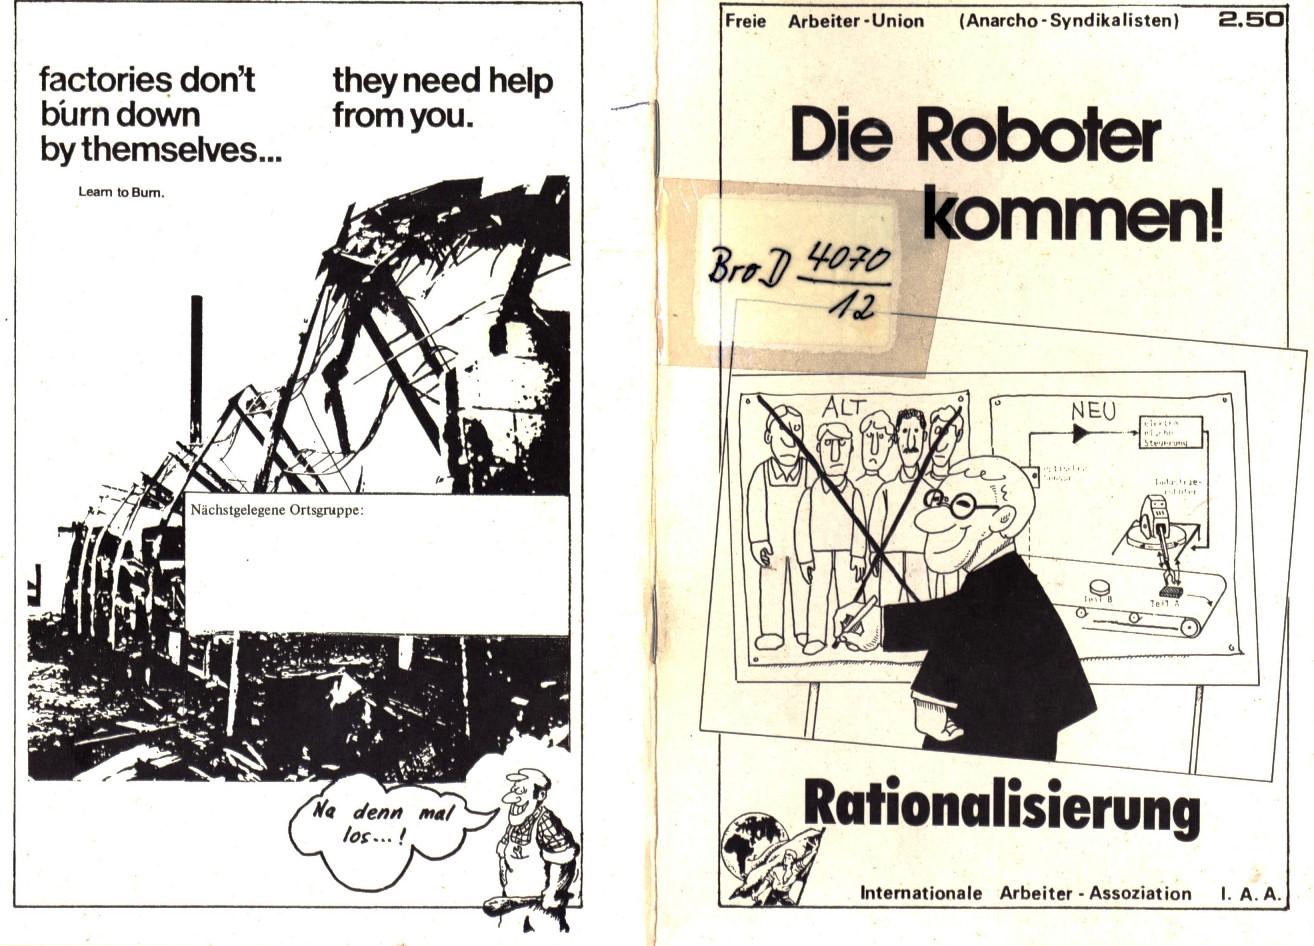 FAU_1990_Die_Roboter_kommen_01